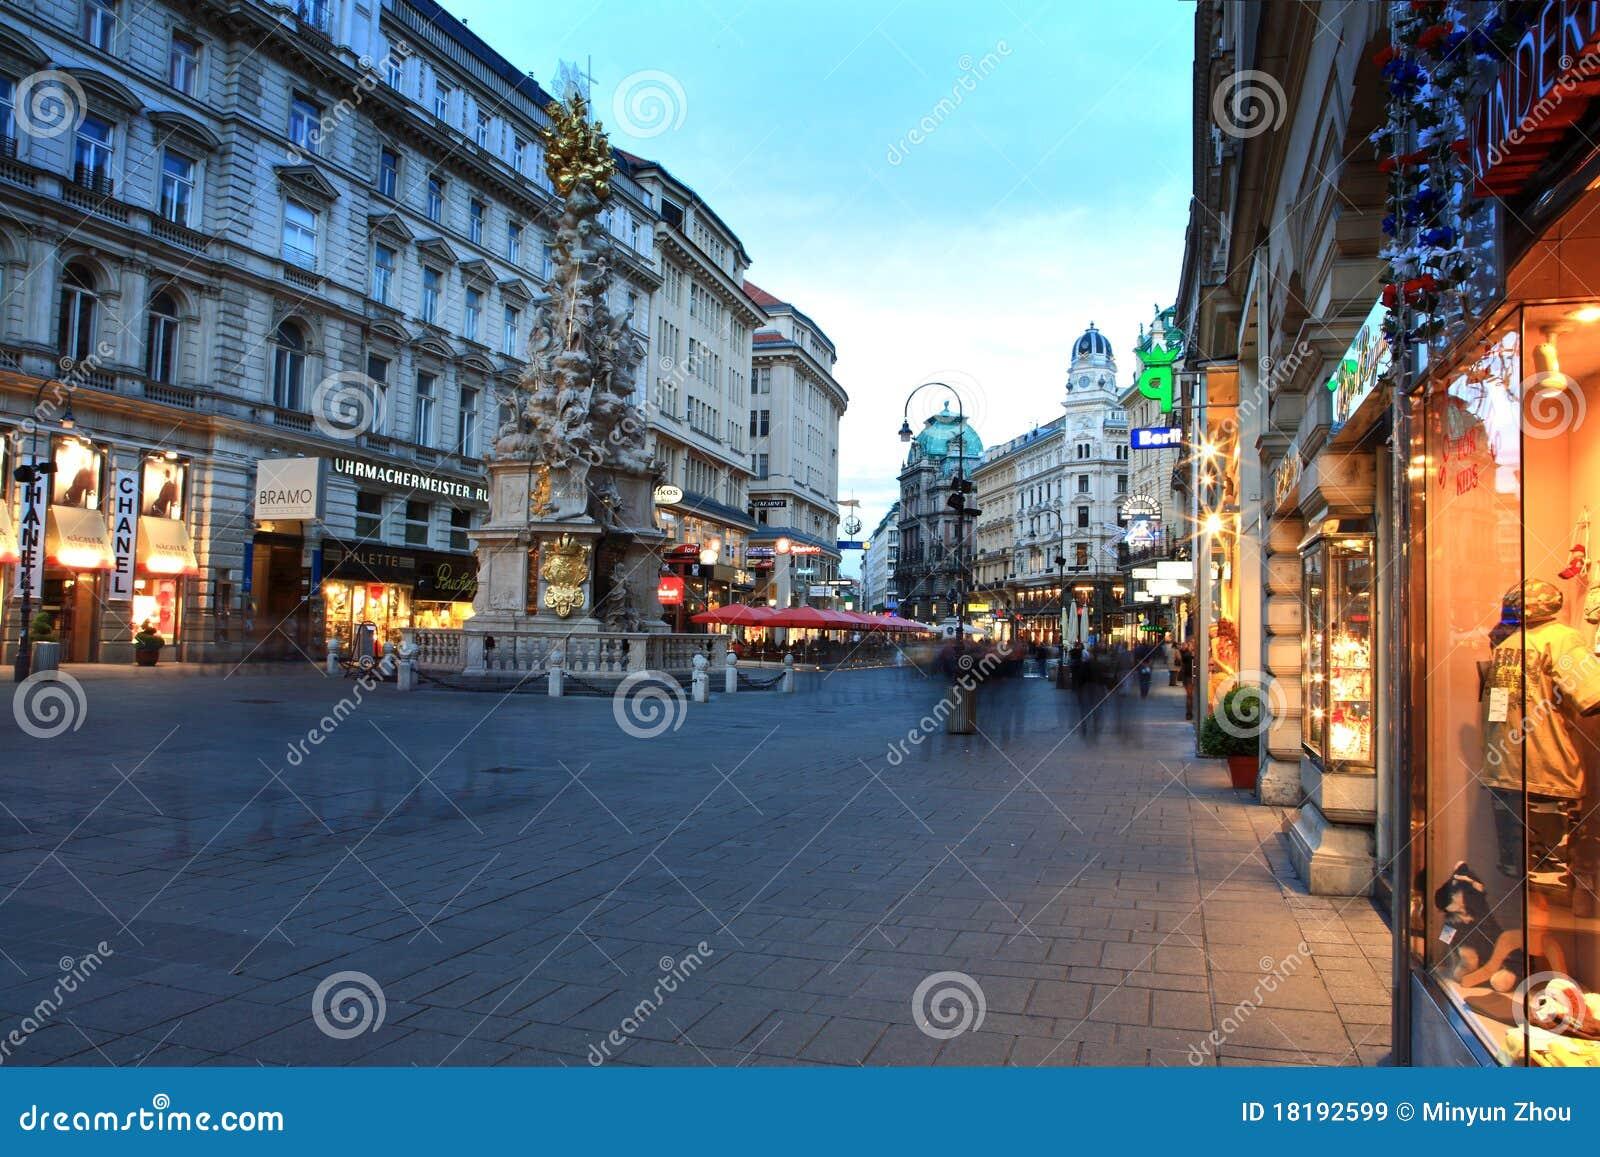 Rue de vienne autriche image stock ditorial image - Office de tourisme de vienne autriche ...